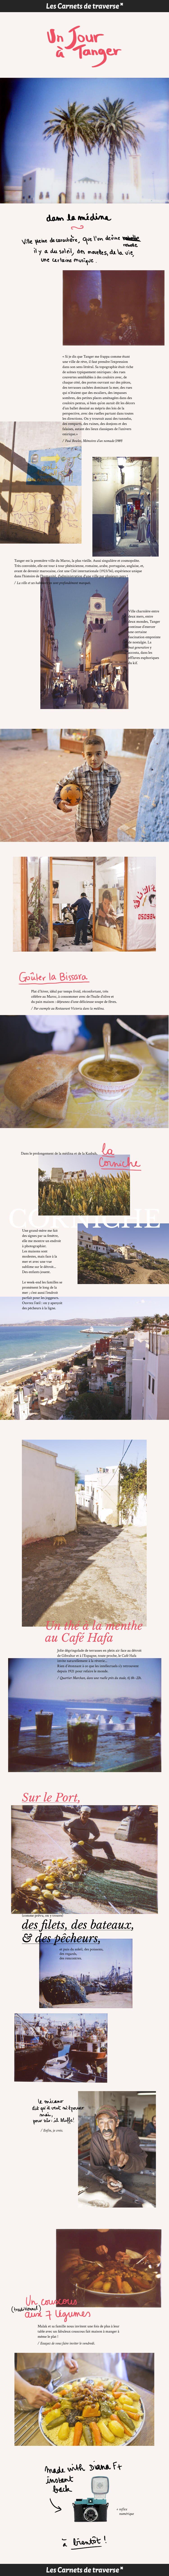 Un jour à Tanger, Maroc, mini-carnet de voyage